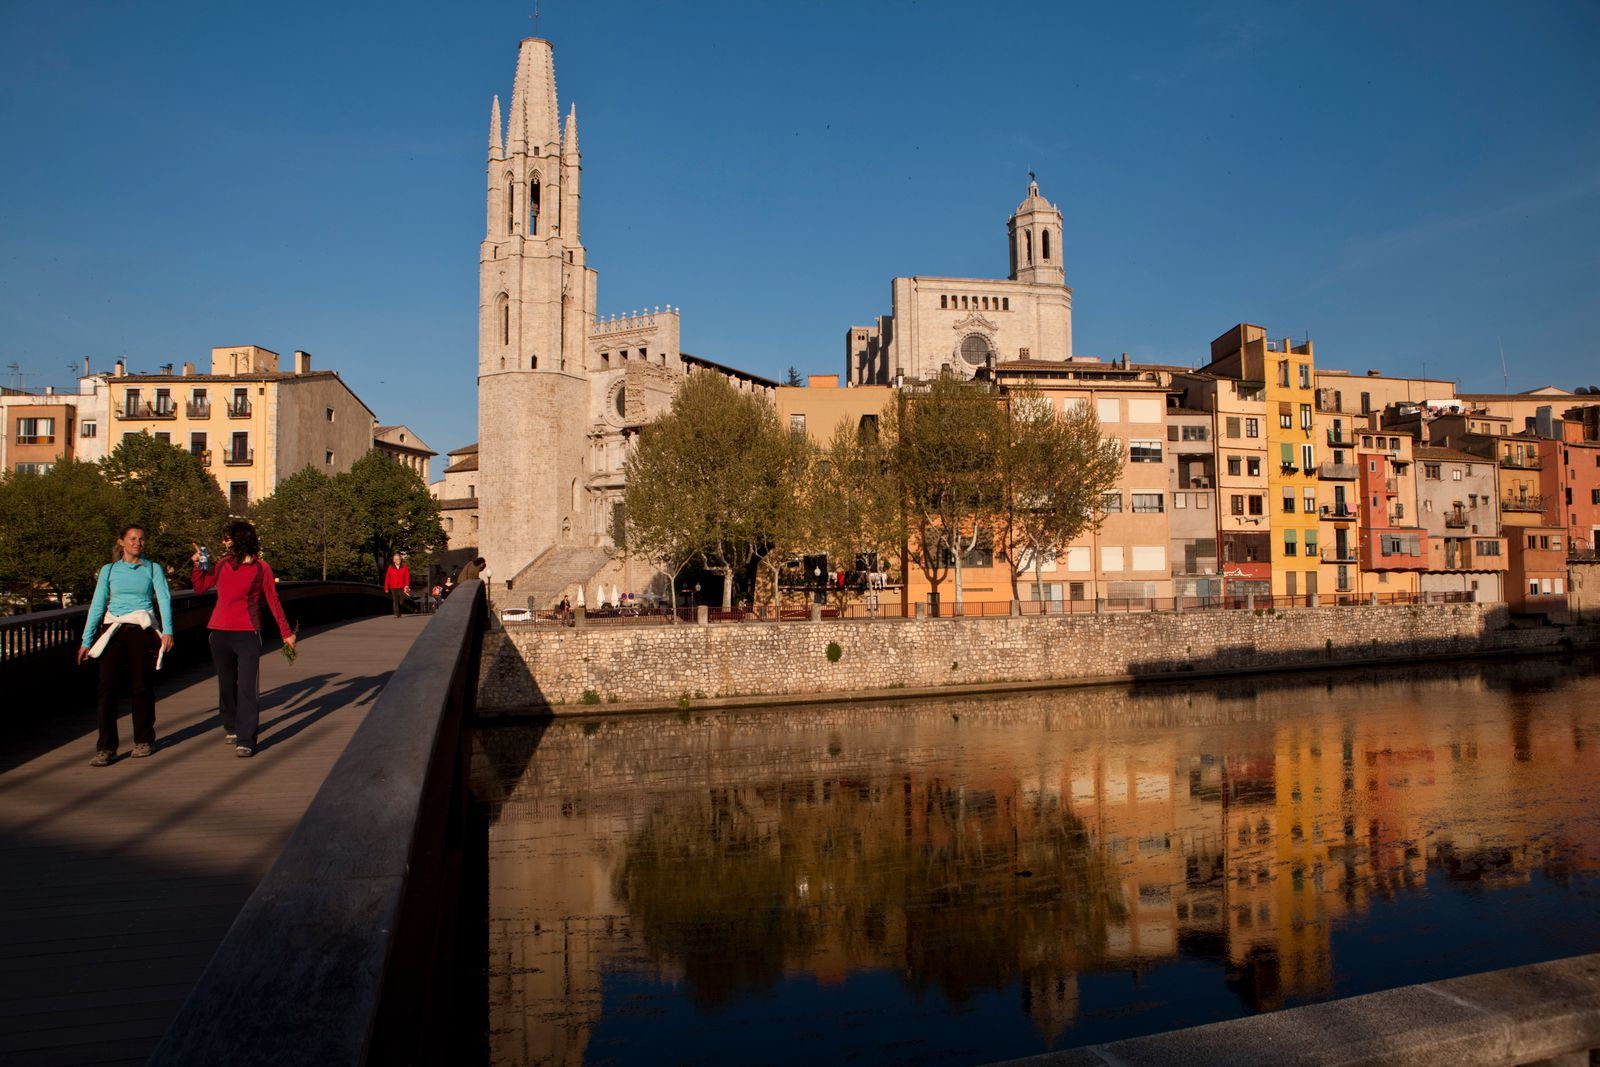 NICHT MEHR VERWENDEN! - Spanien / Girona / Kirche / Katalonien